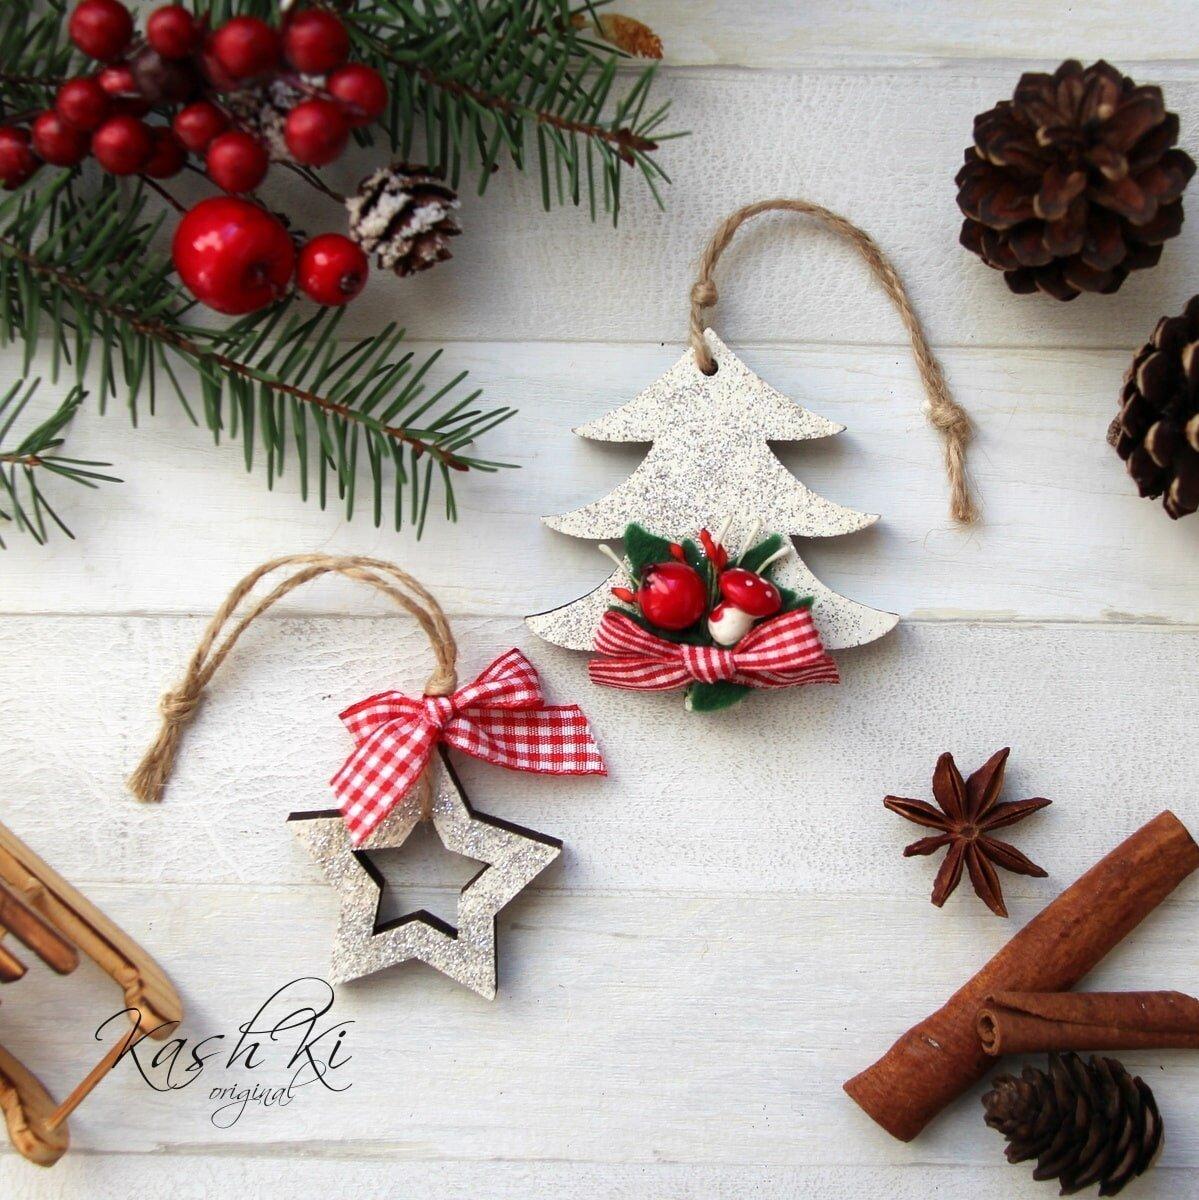 Rok se s rokem sešel a na dveře už pomalu klepou Vánoce. Poznat je to zejména v obchodech, které se už od října plní nepřeberným množstvím vánočních dekorací. Ty se blyští a září, navíc jsou tu opravdu pro všechny. Proč ale splývat s davem, když si předvánoční domov můžeme vyzdobit originálními, ručně vyráběnými ozdobami?